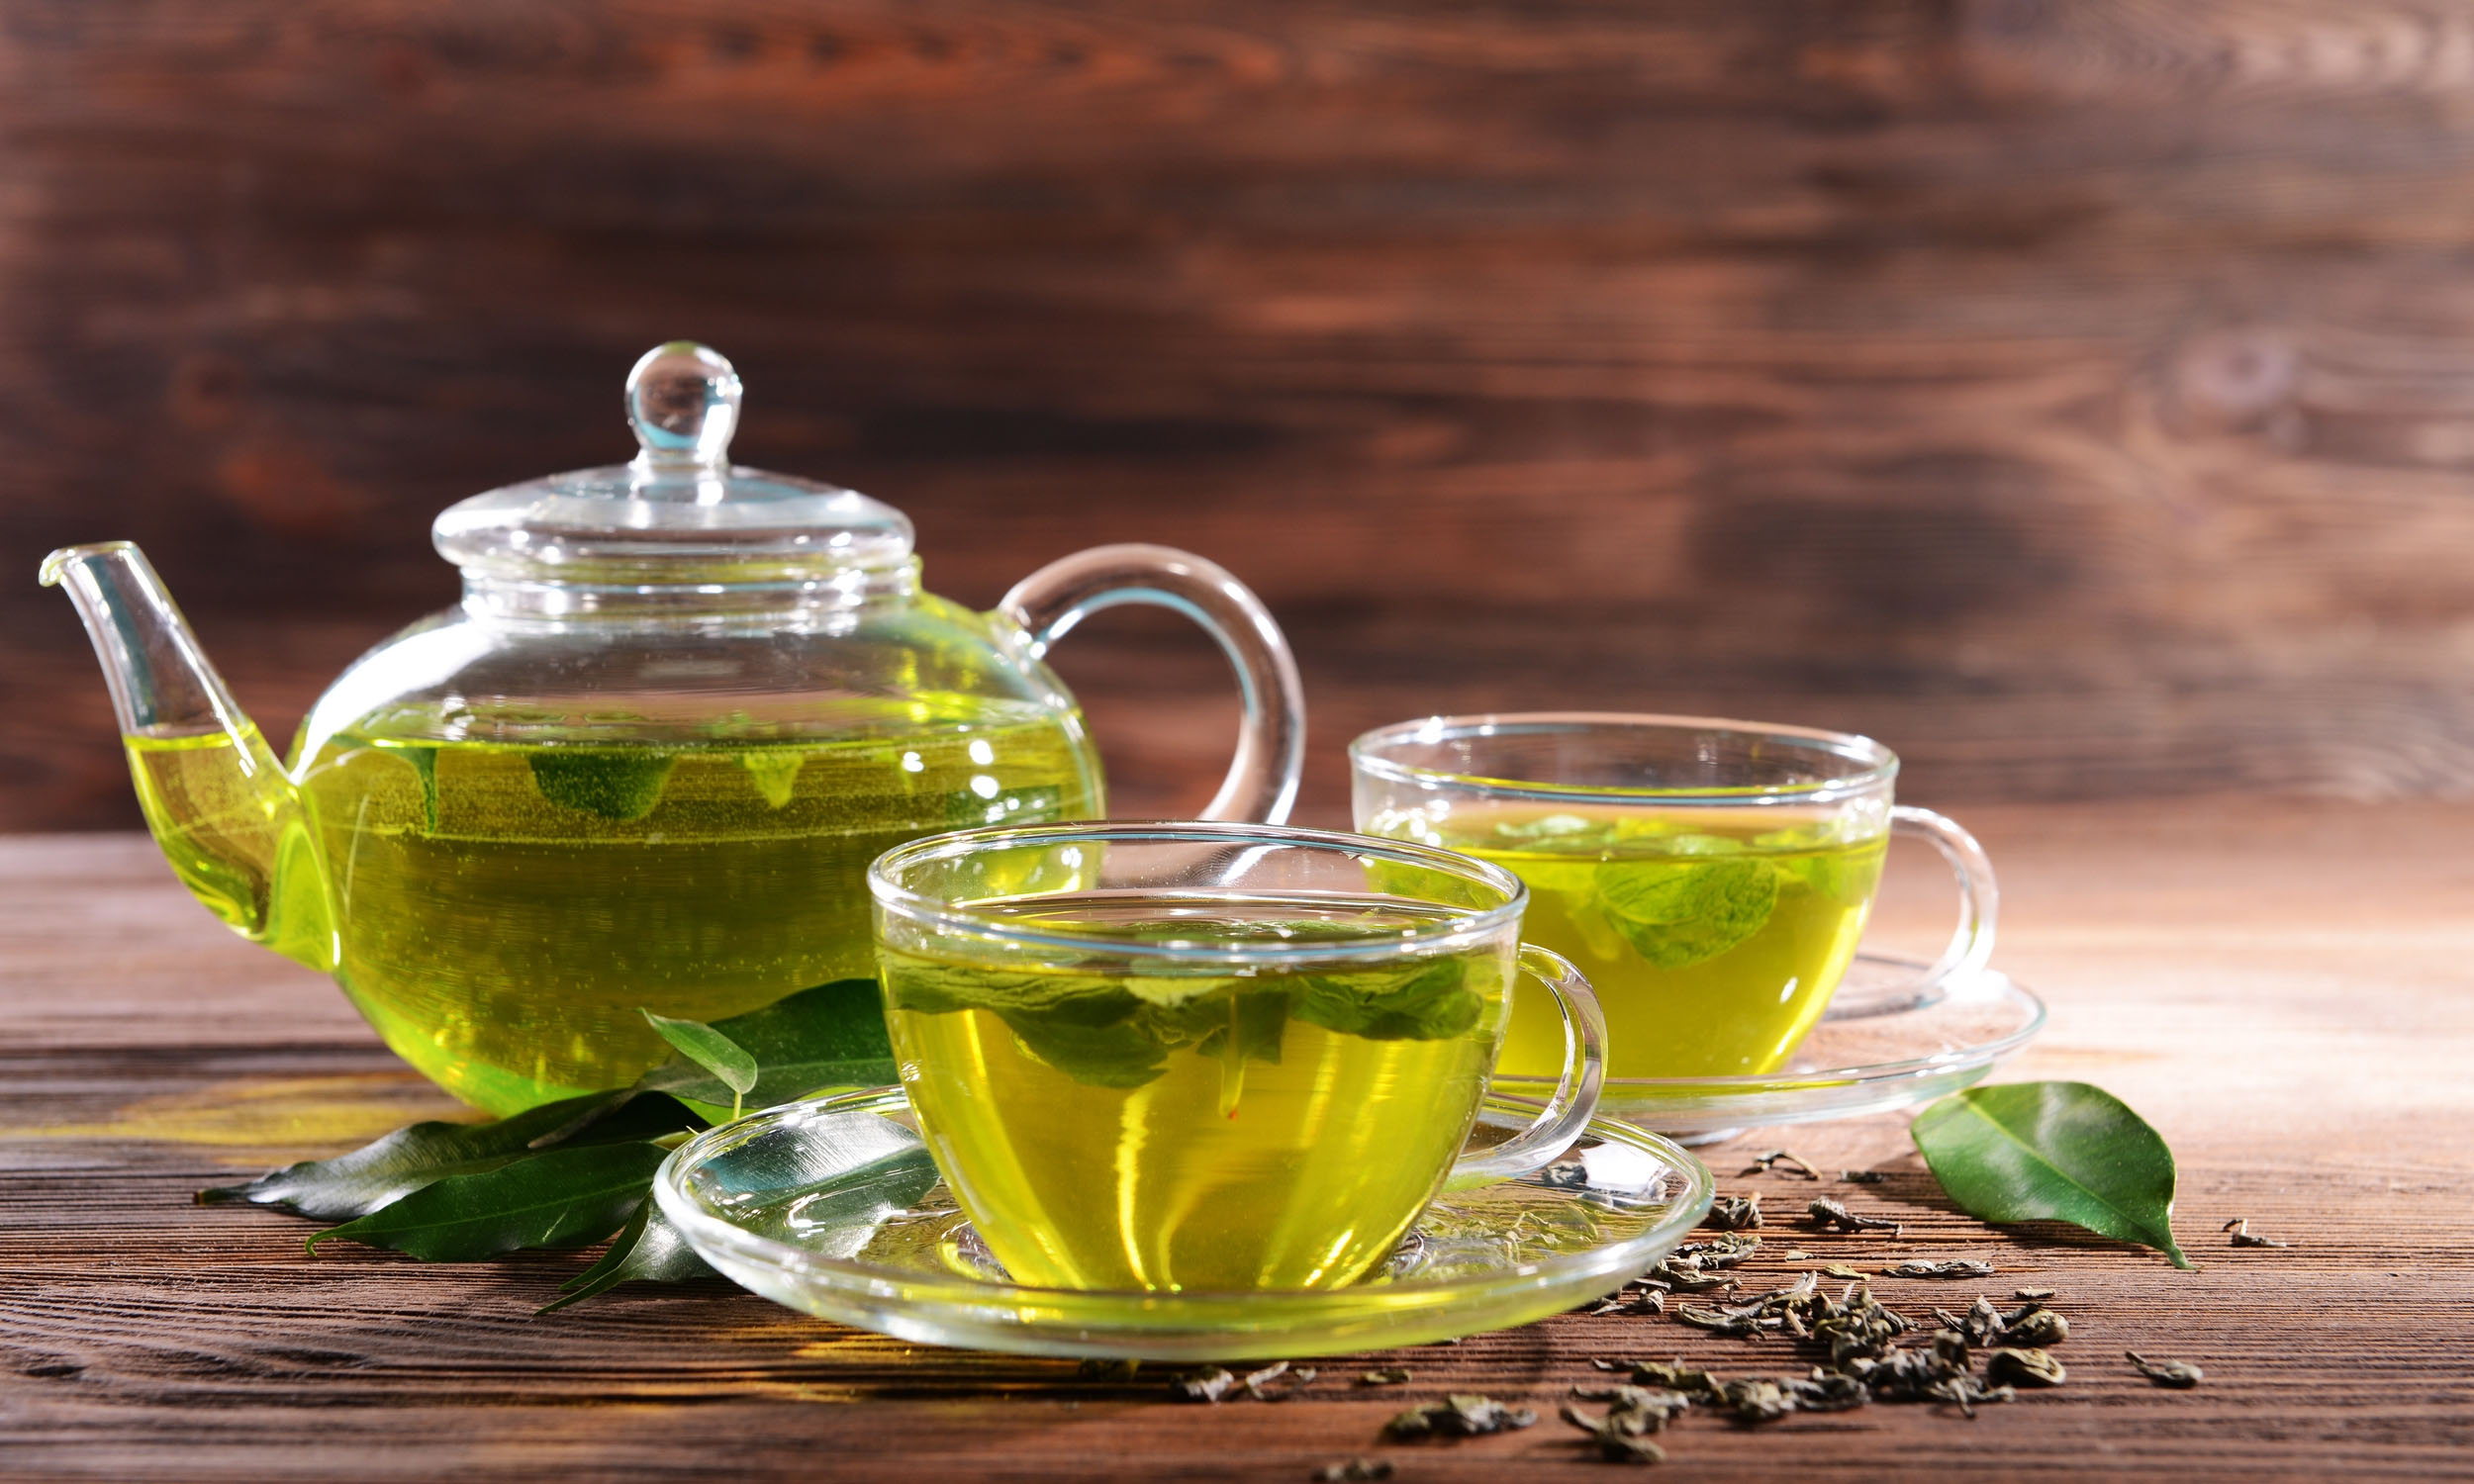 اس موسم سرما کون کونسی چائے سے فوائد حاصل کیے جائیں؟